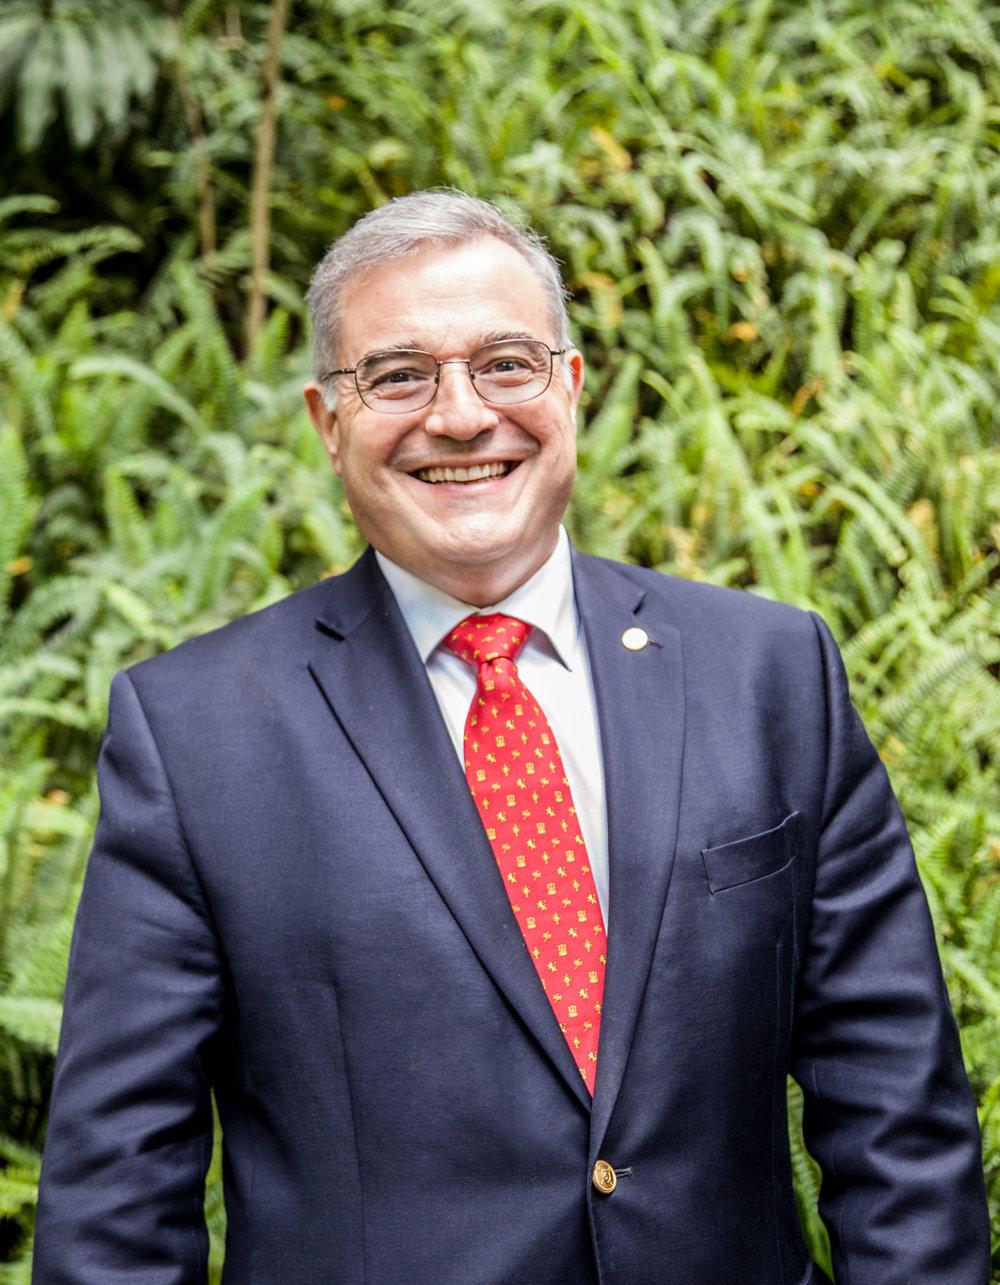 Ramón Parellada Guatemala President of Antigua Forum 2018 Entrepreneur; director of Exploraciones sobre la libertad, a joint colloquia program between Liberty Fund and Universidad Francisco Marroquín (UFM); treasurer of UFM